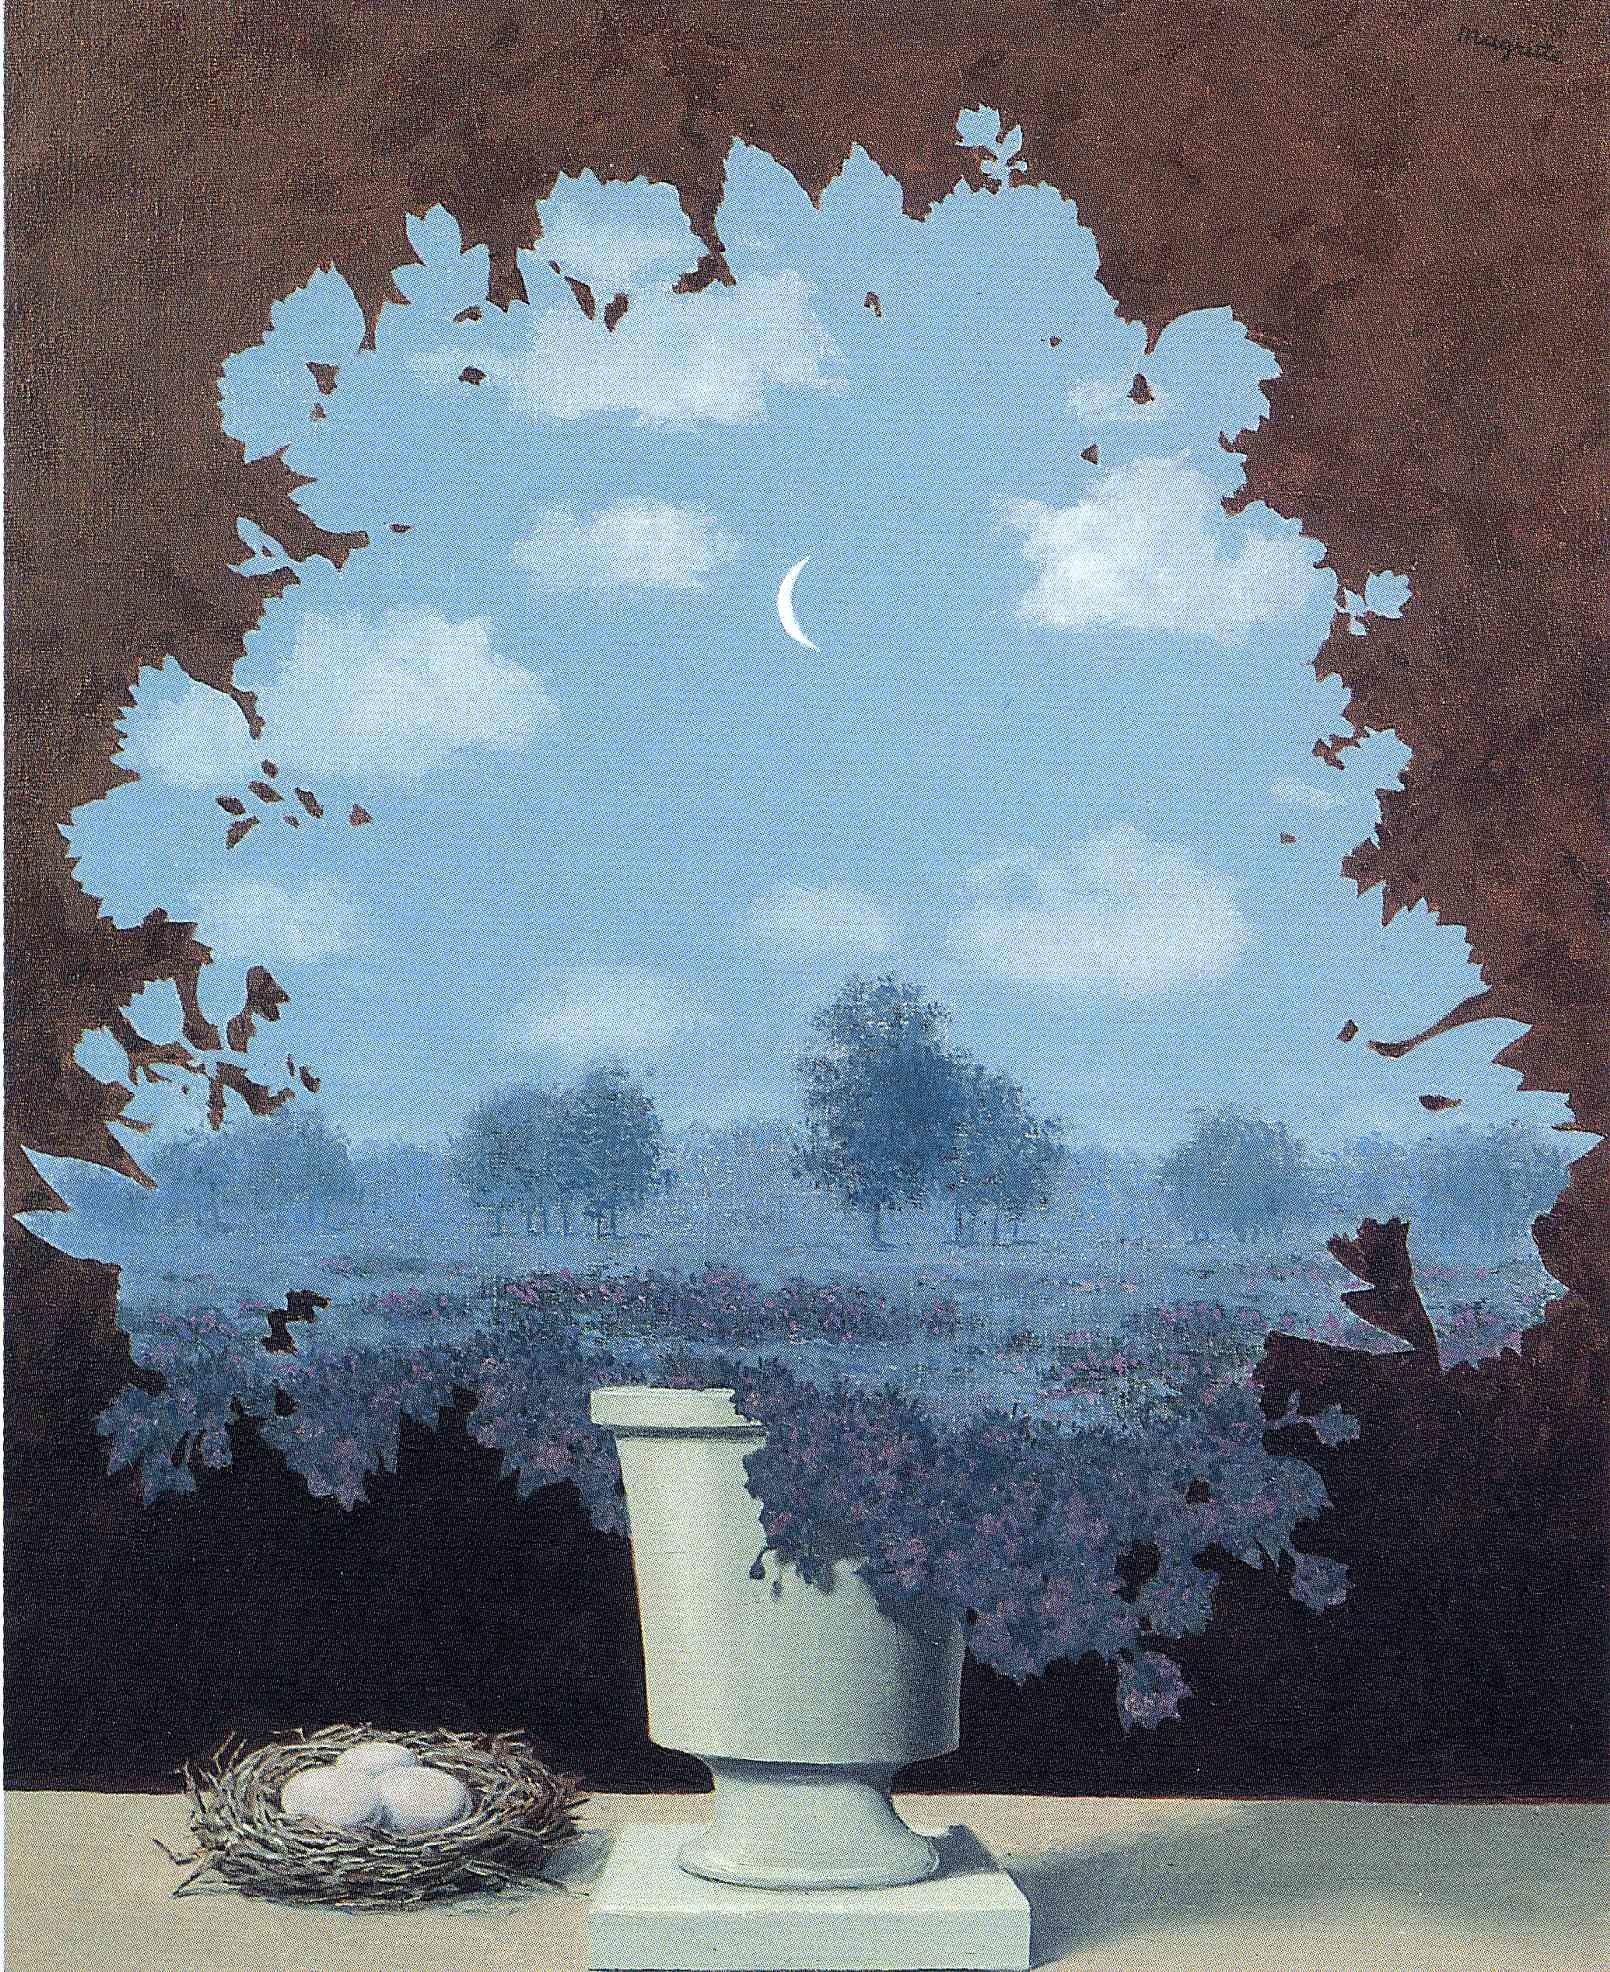 A volte vorrei vivere in un quadro di Magritte